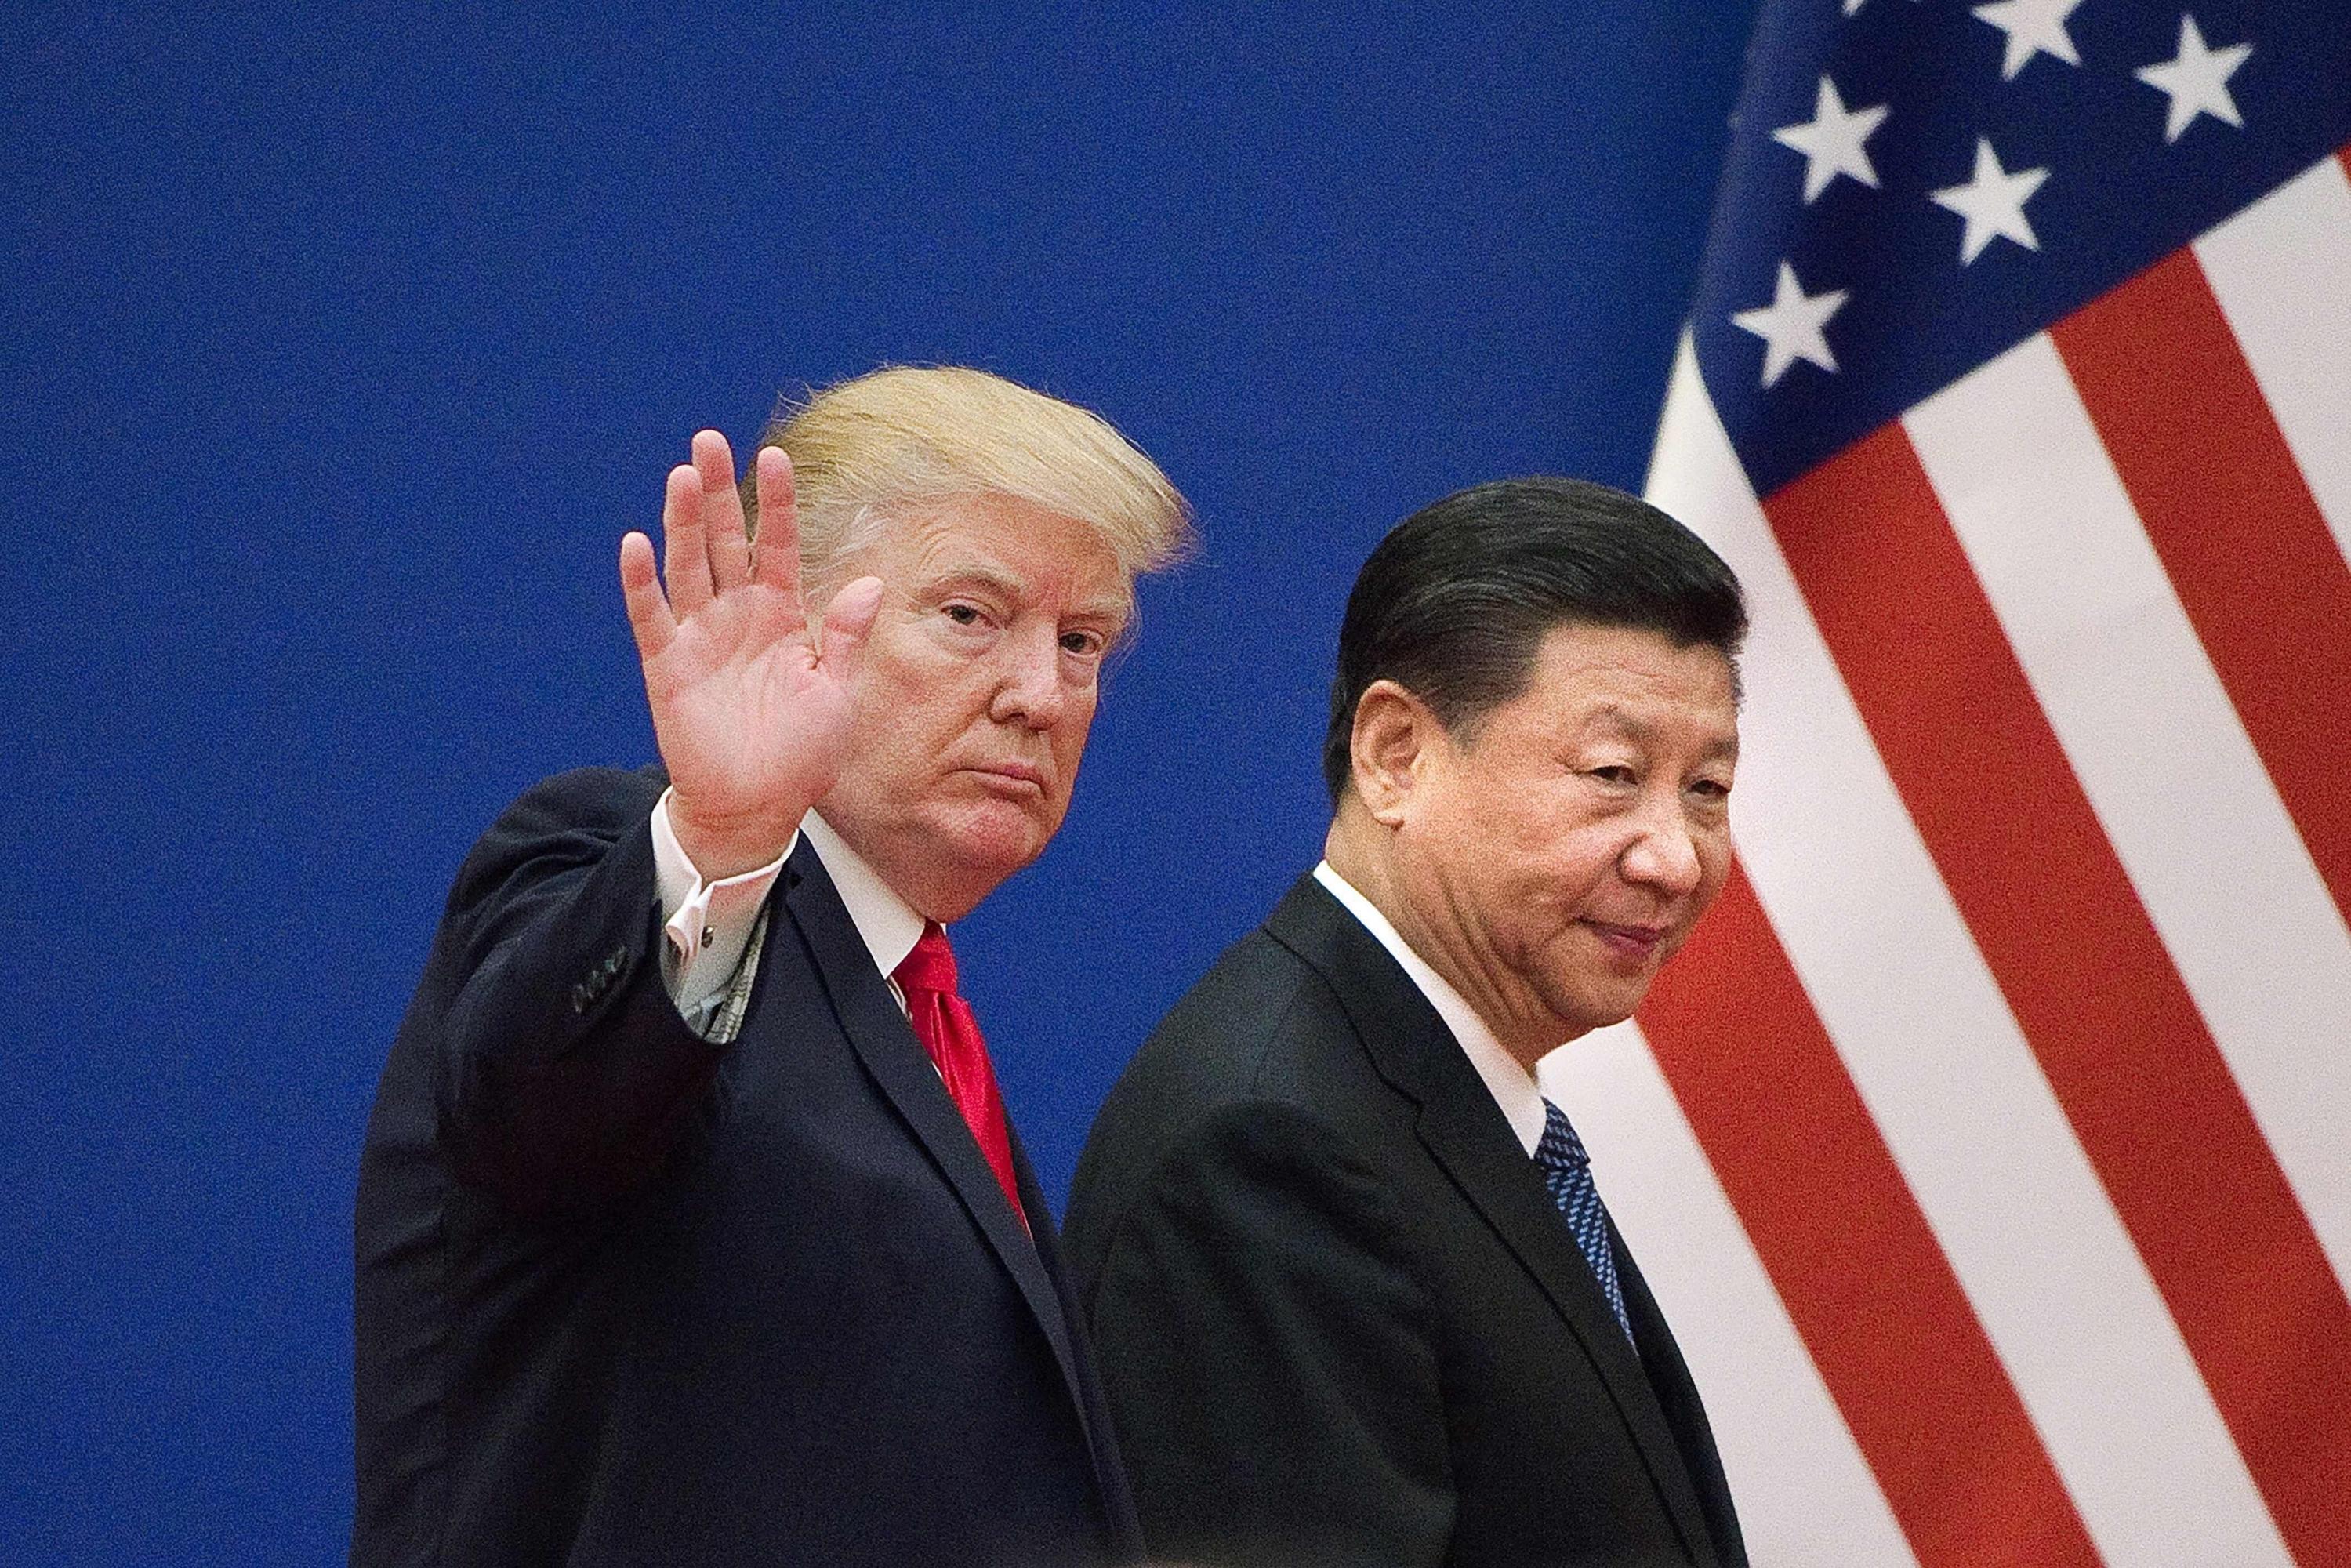 En la imagen, los presidentes Donald Trump y Xi Jinping. (Foto: AFP)